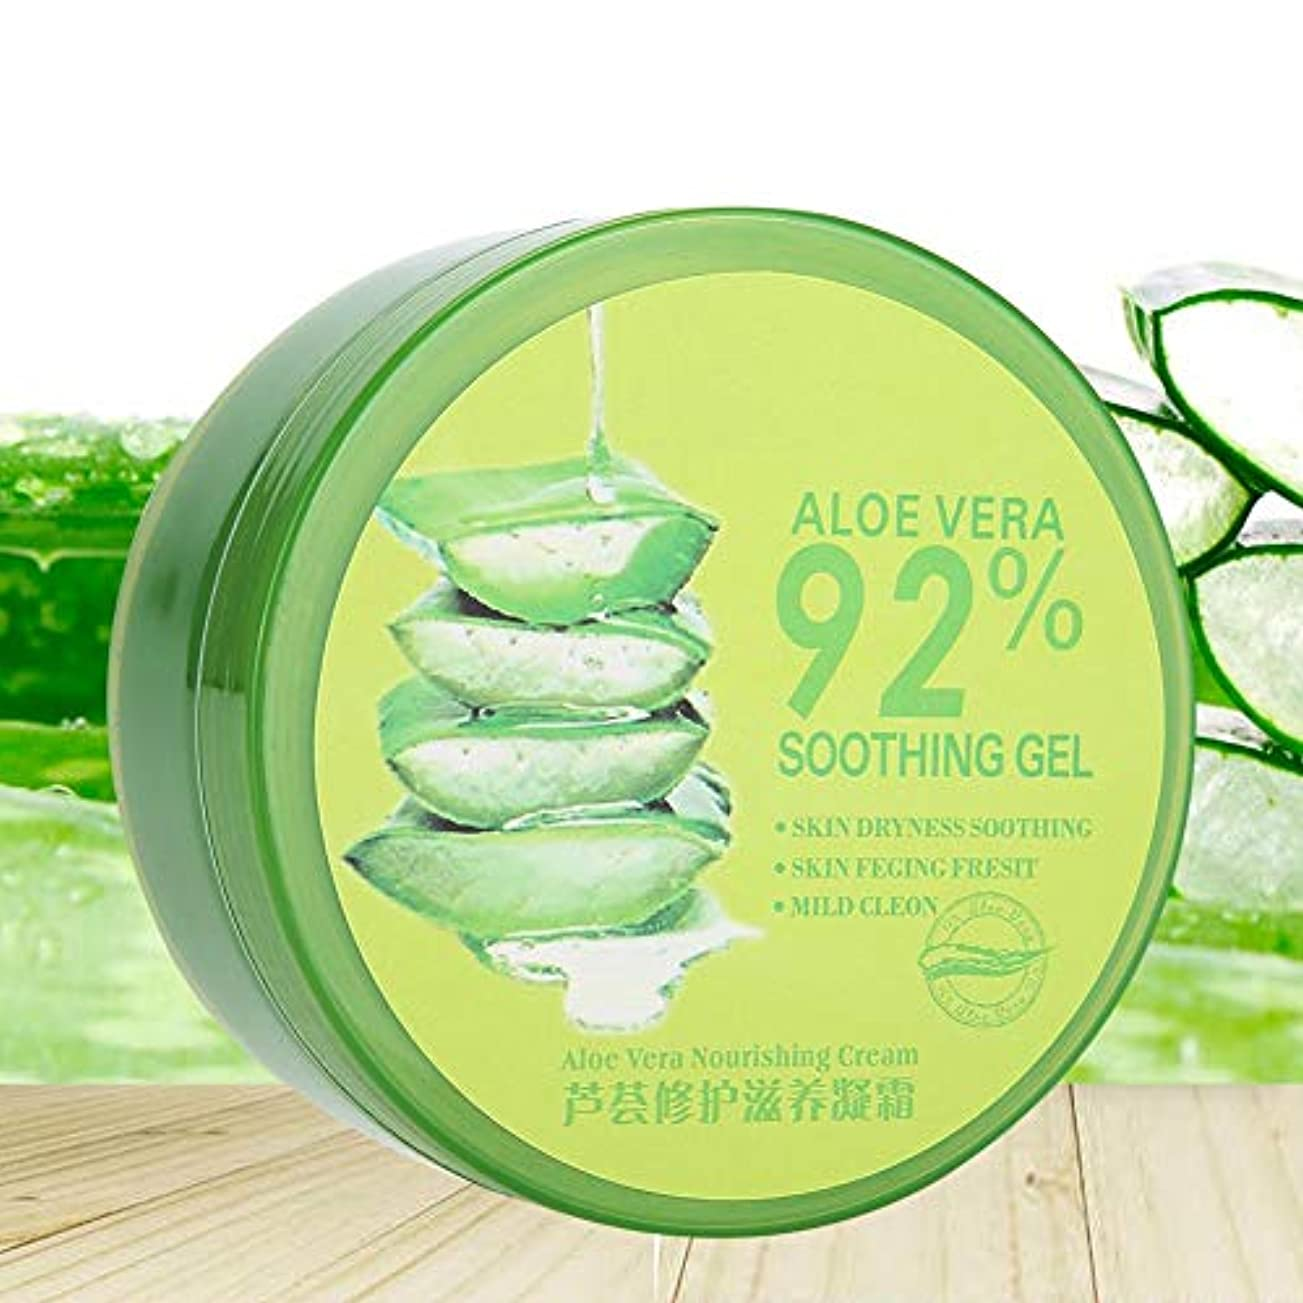 保湿アロエベラジェル、ナチュラルハイドレイティング保湿栄養アロエベラジェルにきび治療美容スキンケアクリームスリーピングクリーム